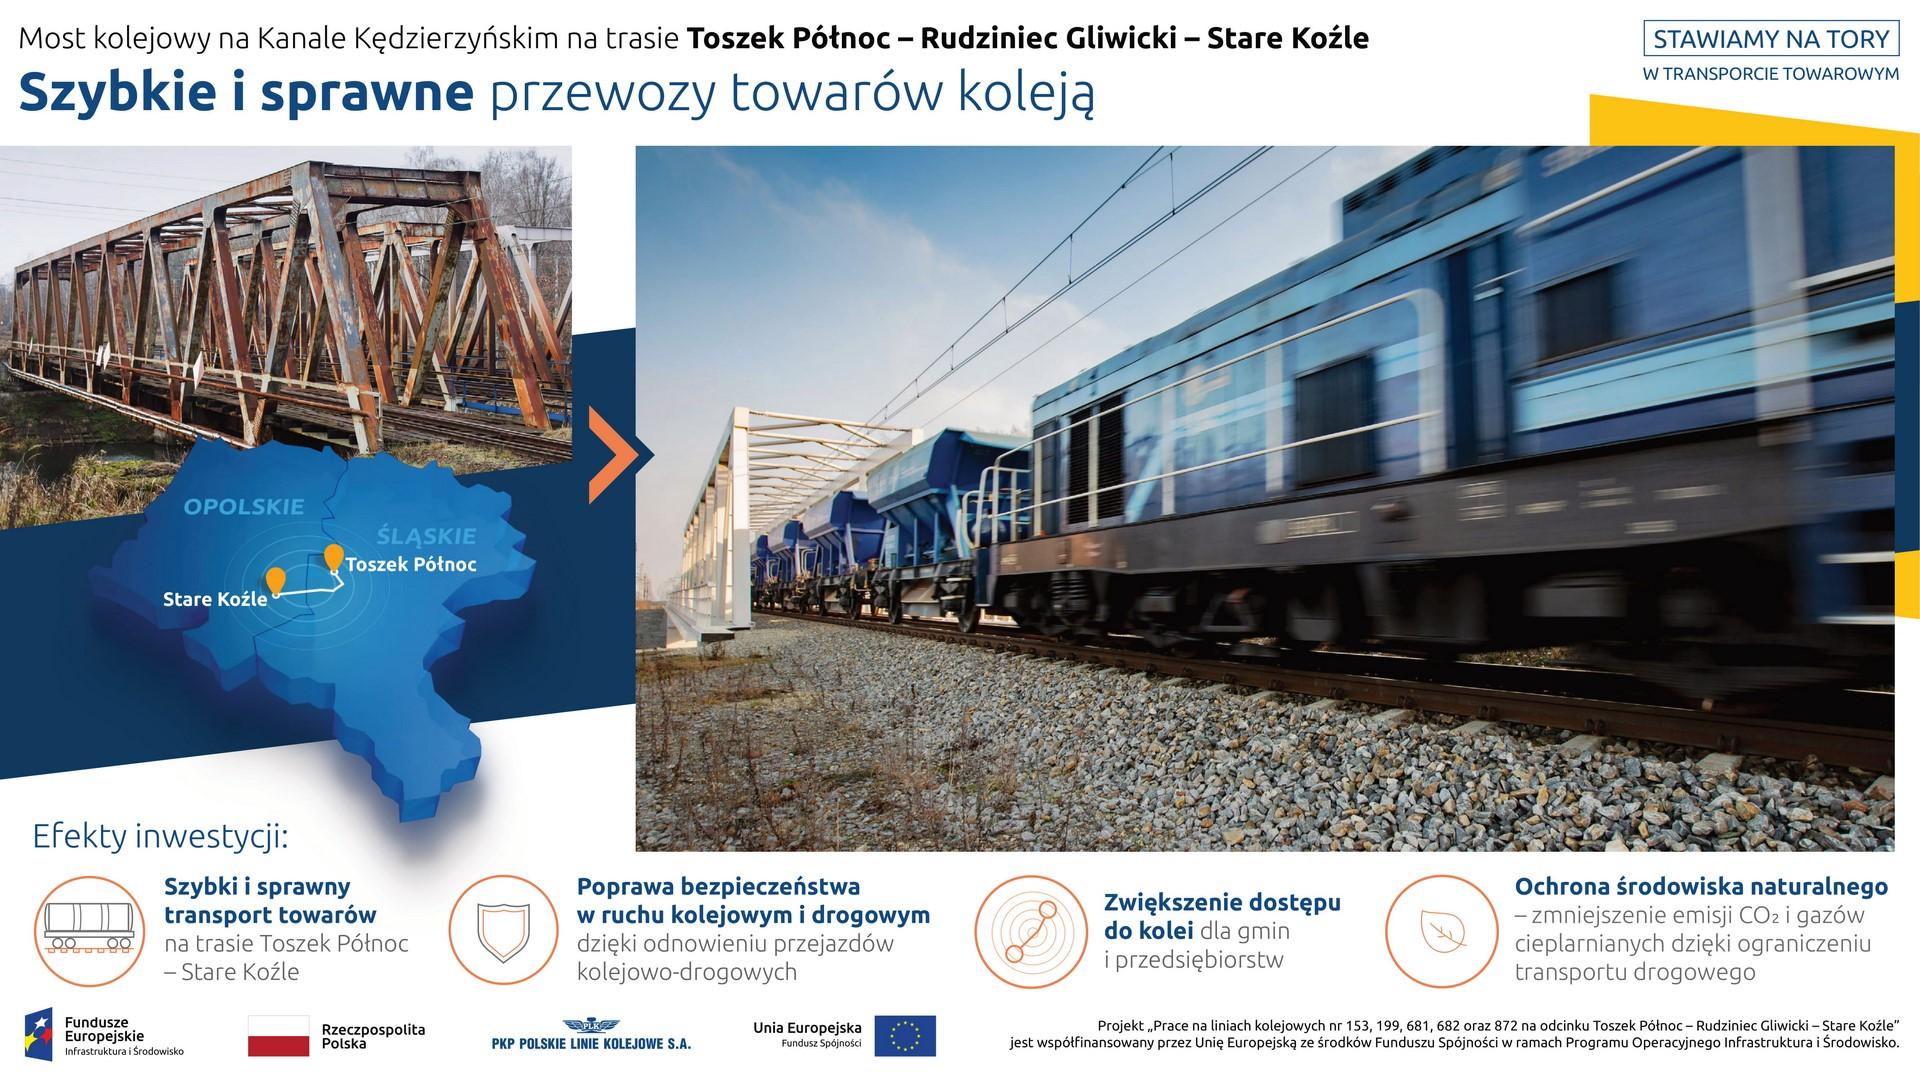 Na infografice prezentowane są dwa zdjęcia. Na pierwszym, mniejszym, z lewej strony, widnieje most kolejowy na Kanale Kędzierzyńskim przed rozpoczęciem inwestycji. Pod fotografią znajduje się grafika – mapka z sąsiadującymi ze sobą województwami śląskim i opolskim oraz zaznaczoną trasą kolejową z Toszek Północ do Stare Koźle. Natomiast z prawej strony infografiki widnieje zdjęcie z mostem po jego przebudowie, a na nim przejeżdżający pociąg towarowy. Pod niżej prezentowane są korzyści wynikające z realizacji projektu: szybki i sprawny transport towarów, poprawa bezpieczeństwa w ruchu kolejowym i drogowym, zwiększenie dostępu do kolei oraz ochrona środowiska naturalnego.